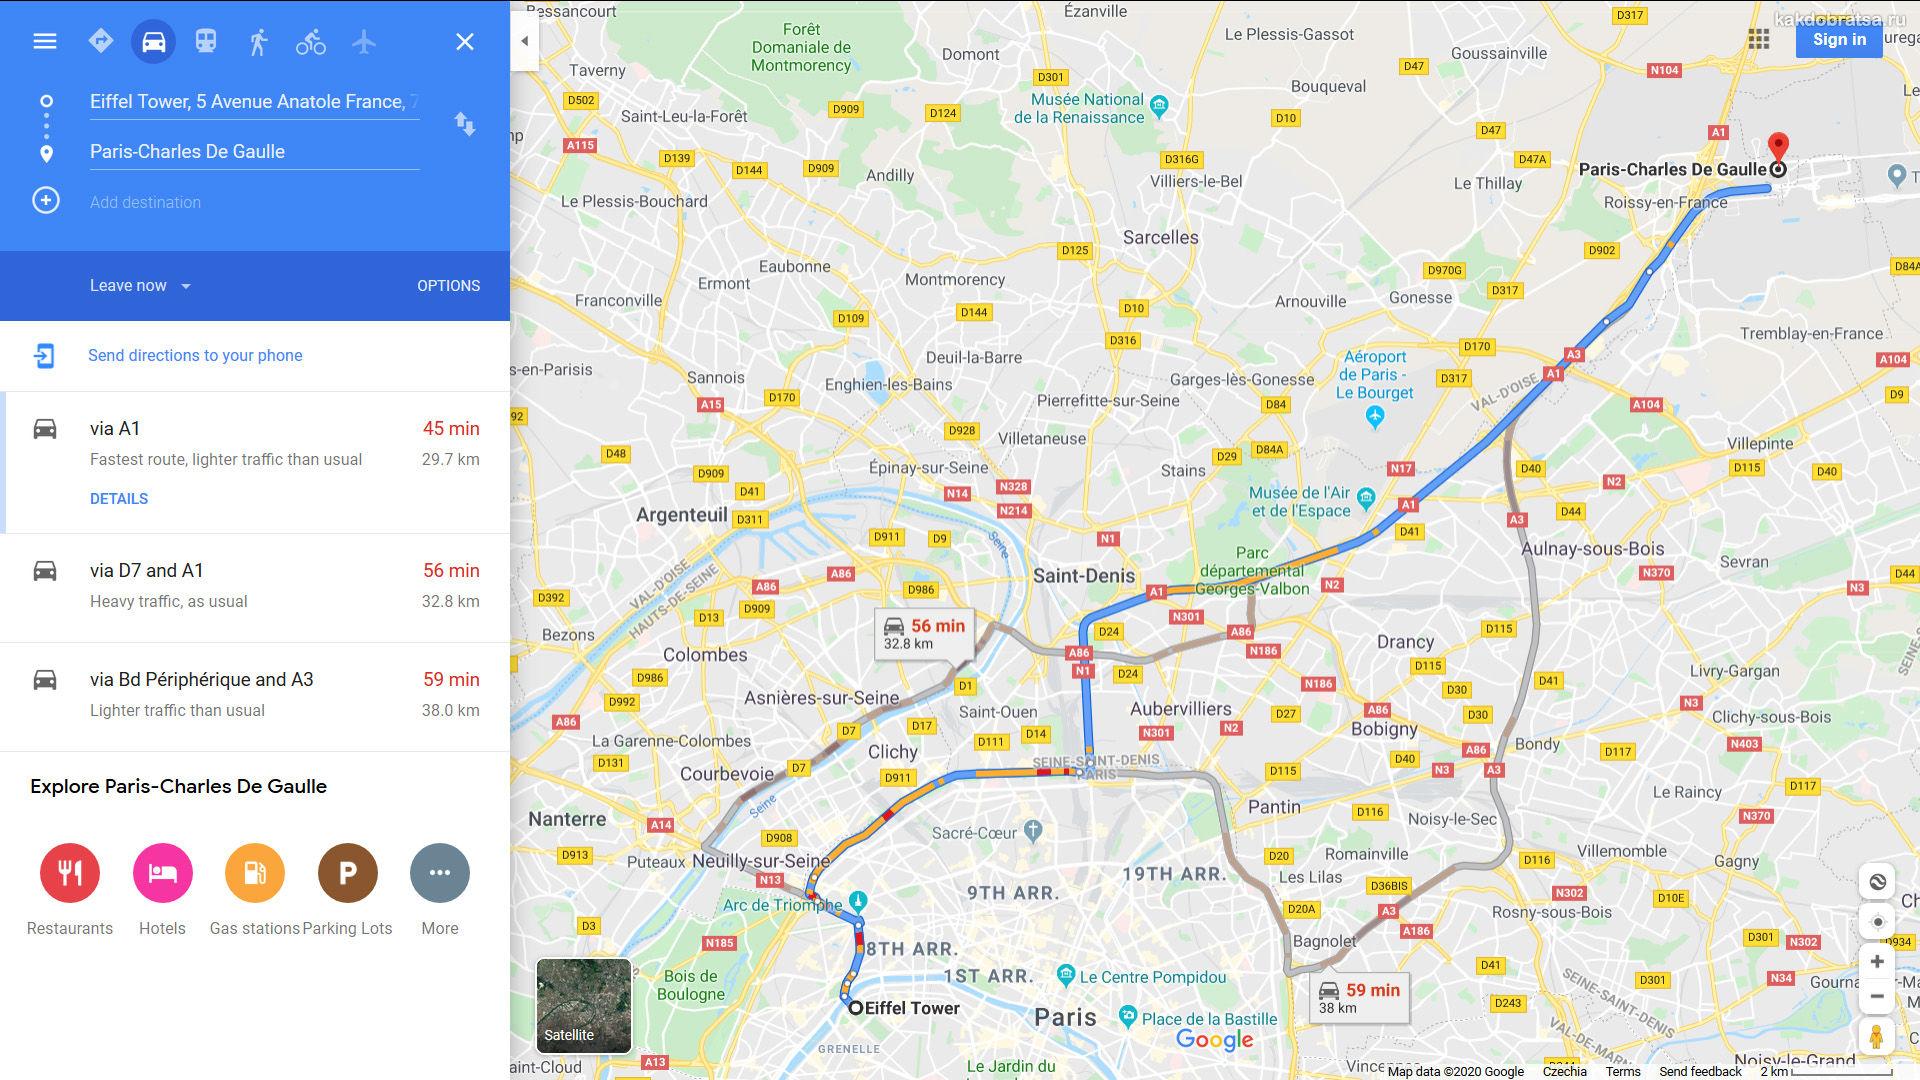 Как добраться из Аэропорта Шарль де Голь до Эйфелевой Башни